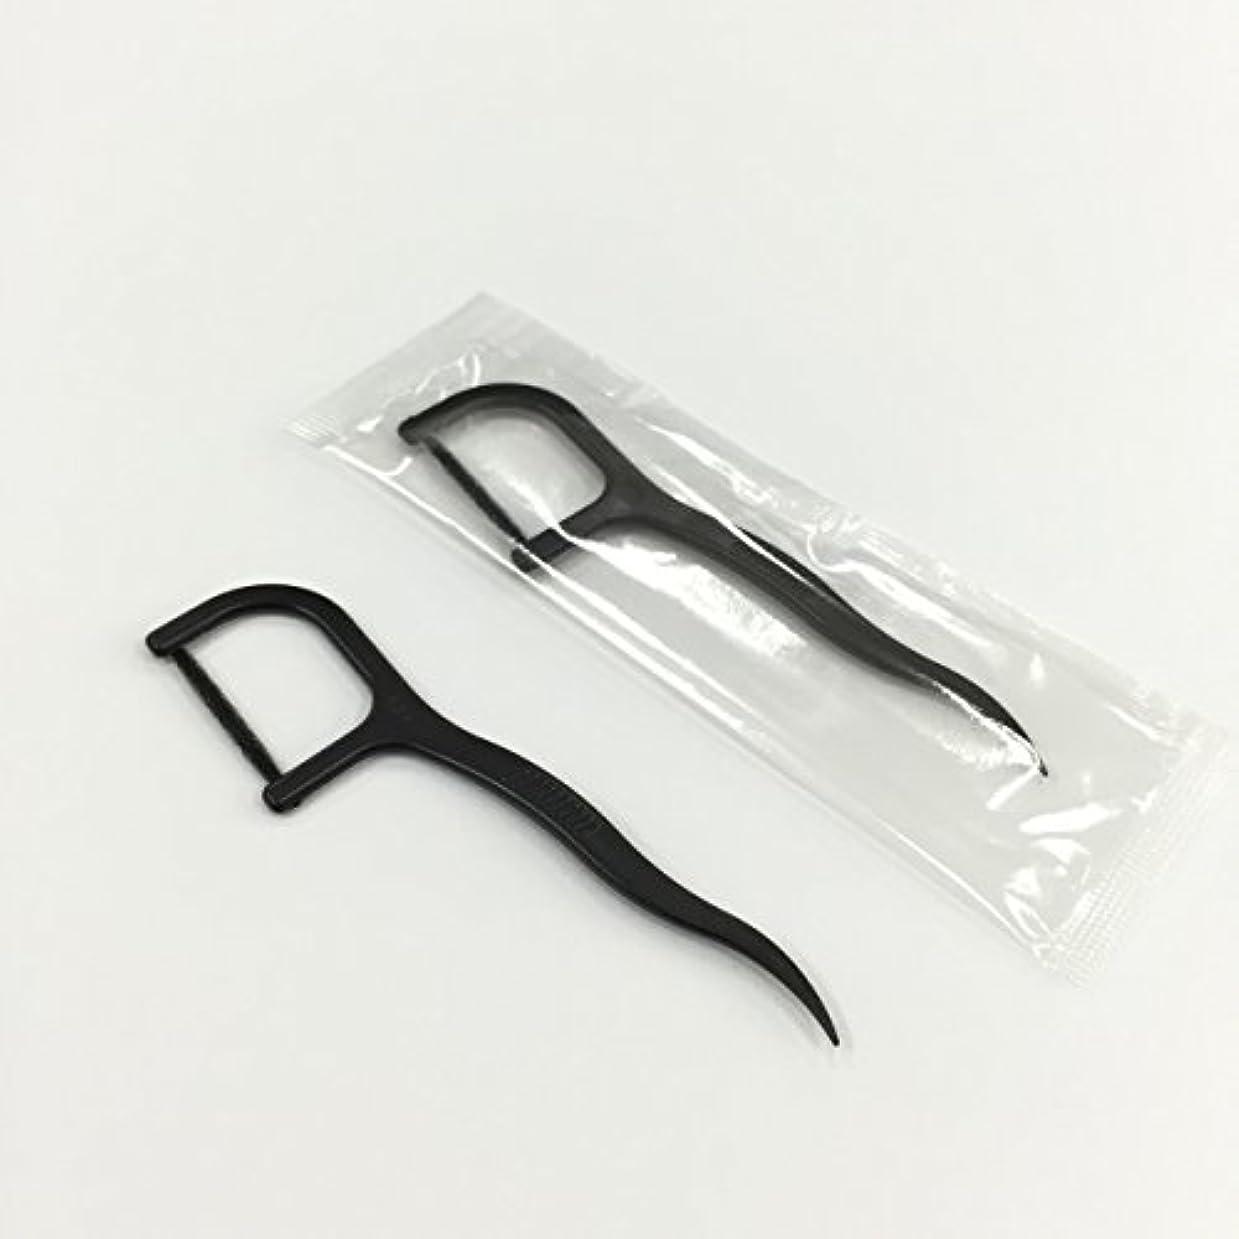 ひねり湖絶望糸付きようじ 黒 1本包装 100本x3パック